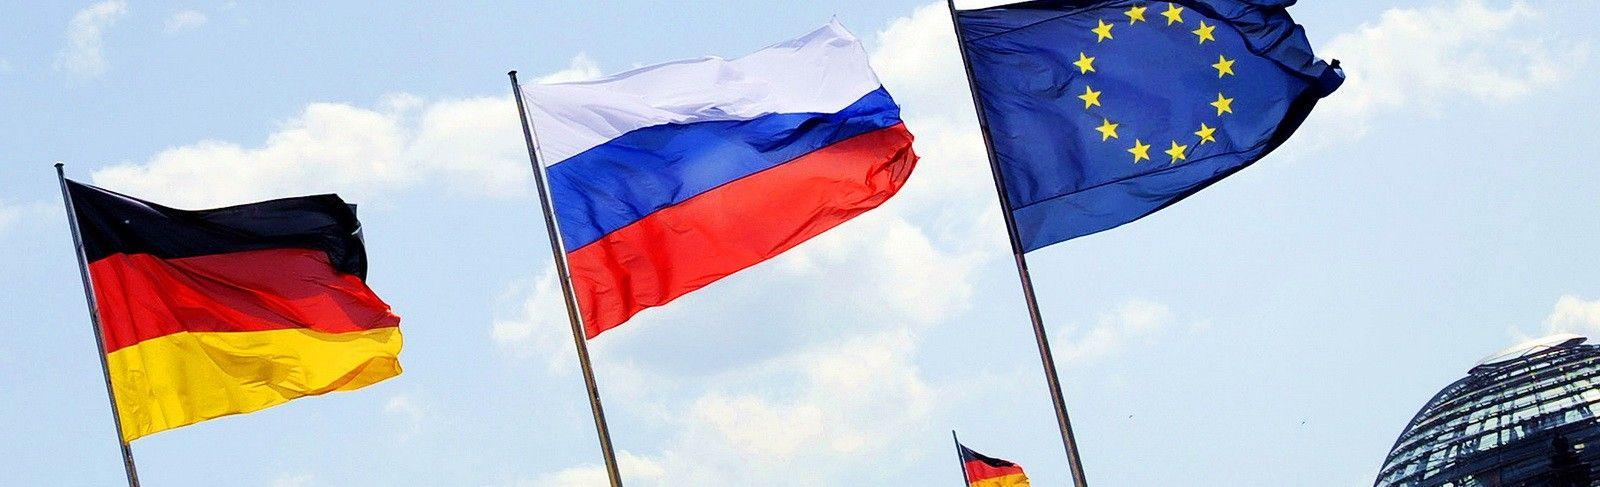 Российско-германское экономическое сотрудничество